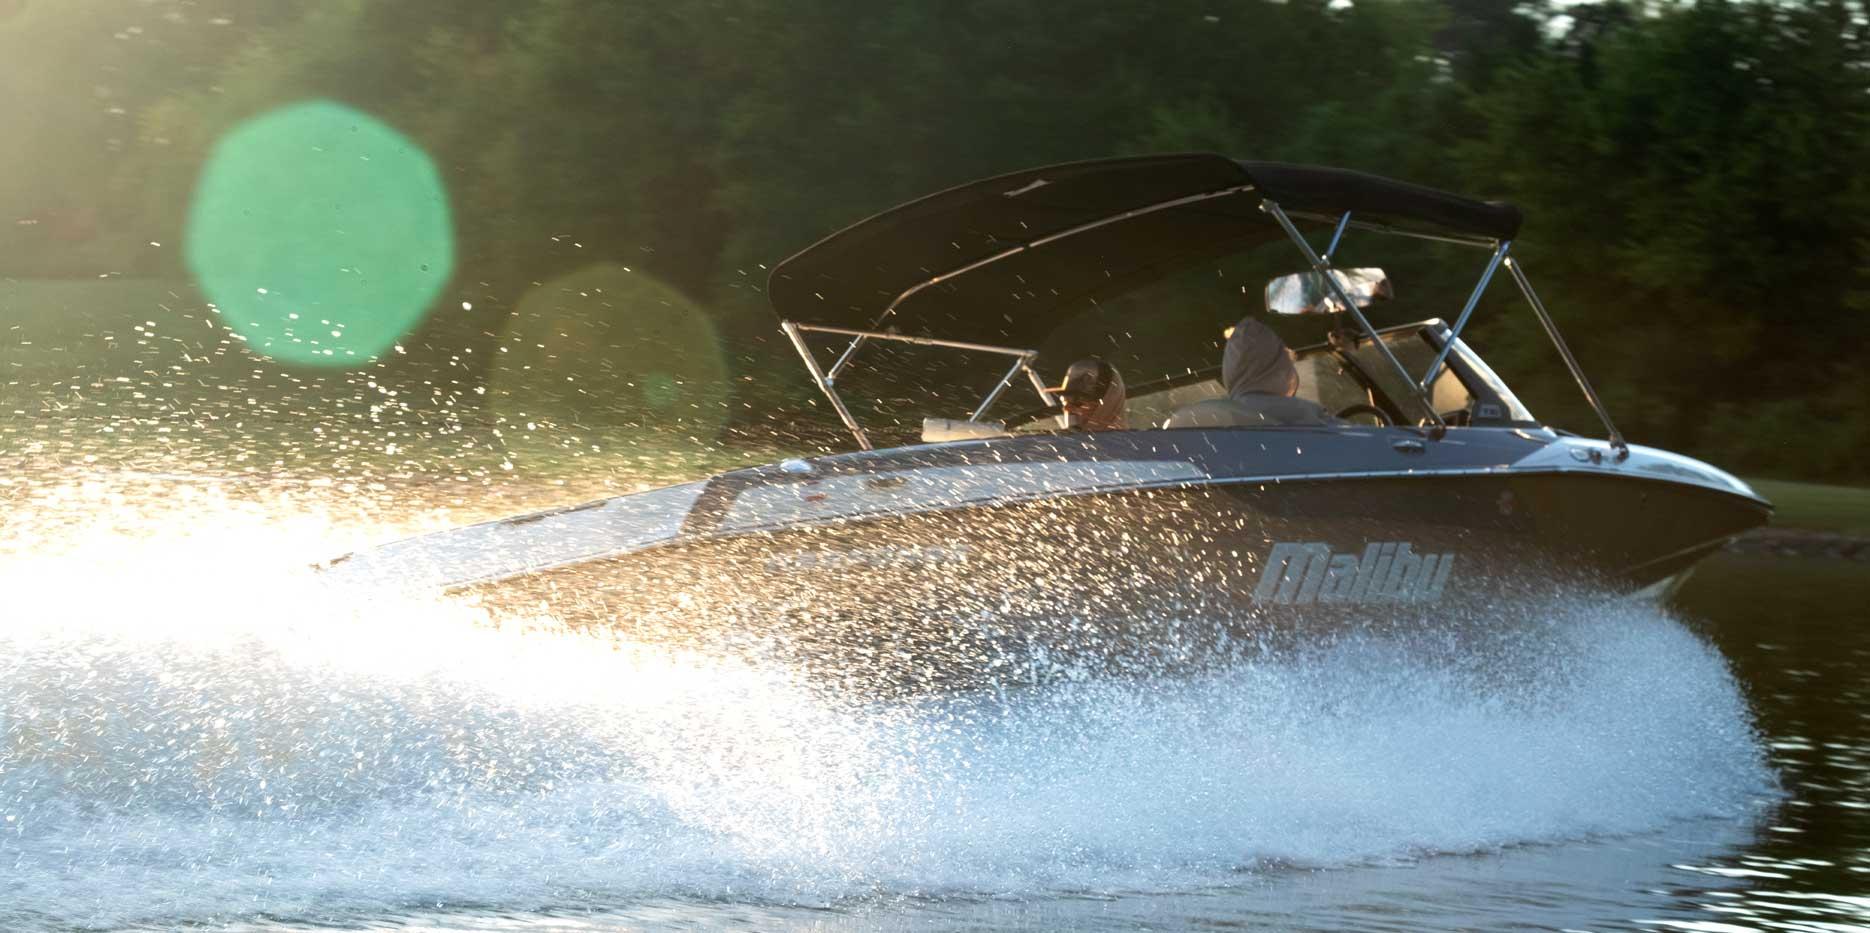 Malibu Boats TXi Response Closed Bow Slalom Boat